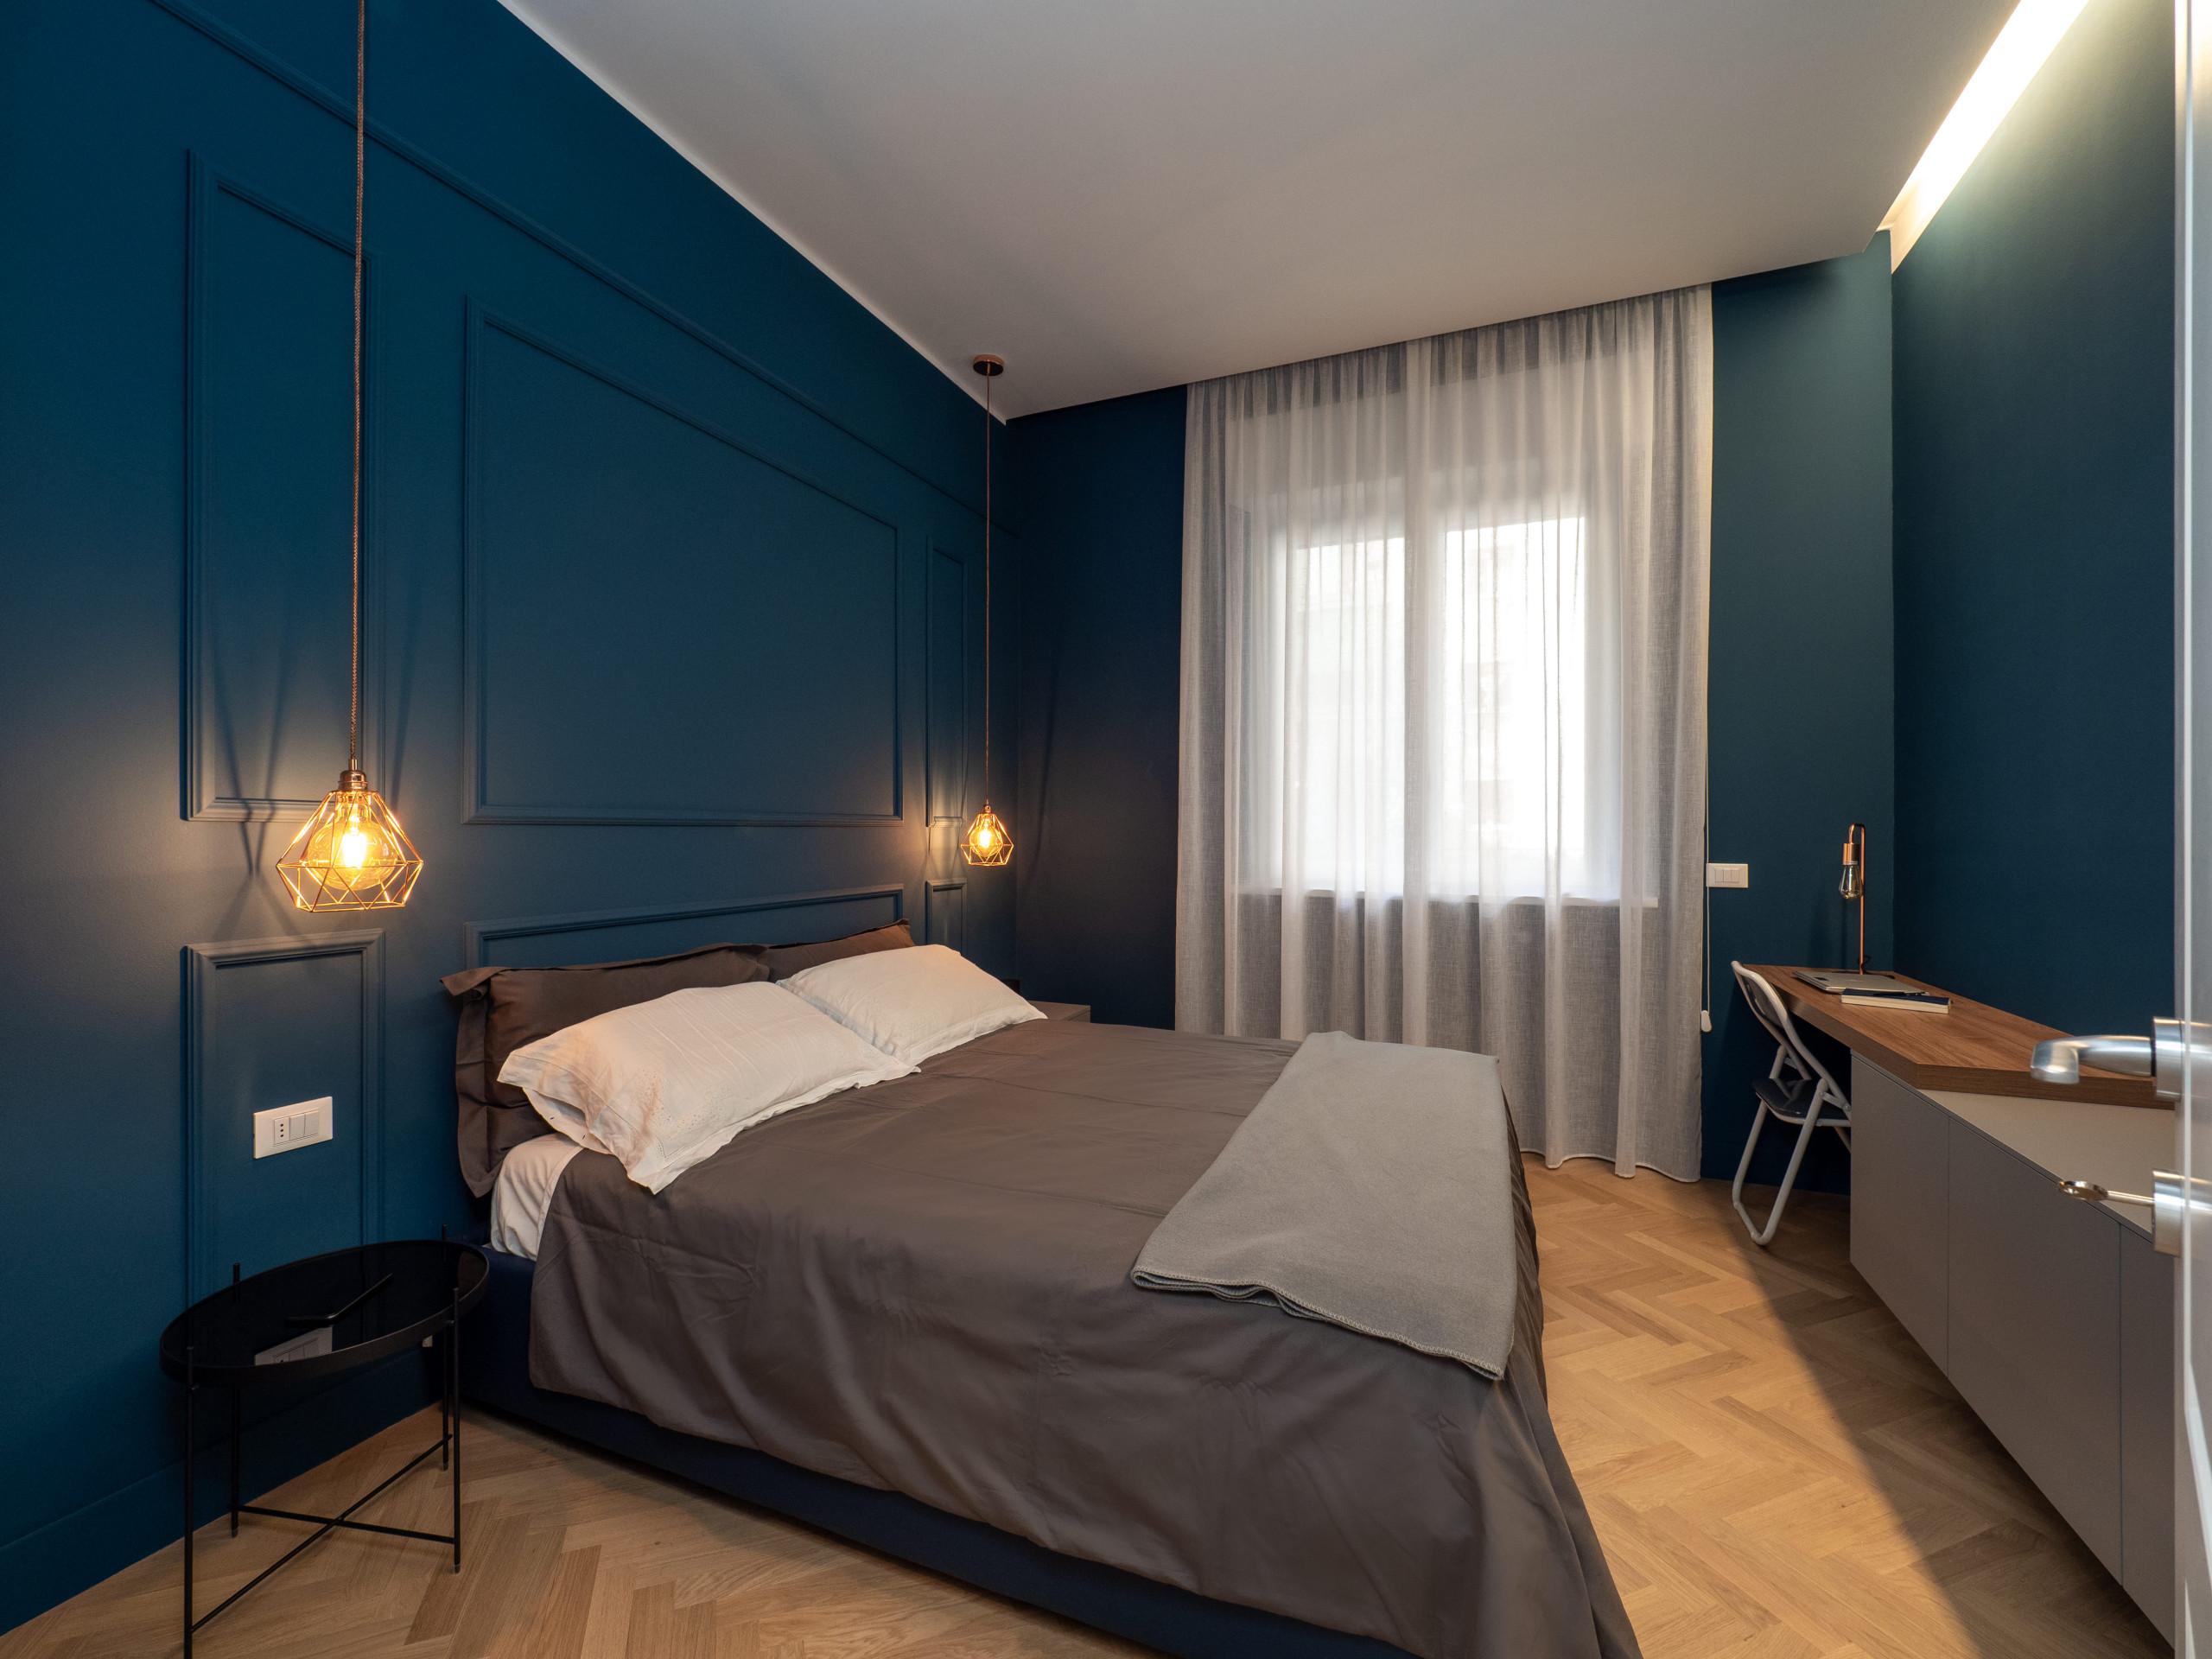 Caneva 3 - camera da letto